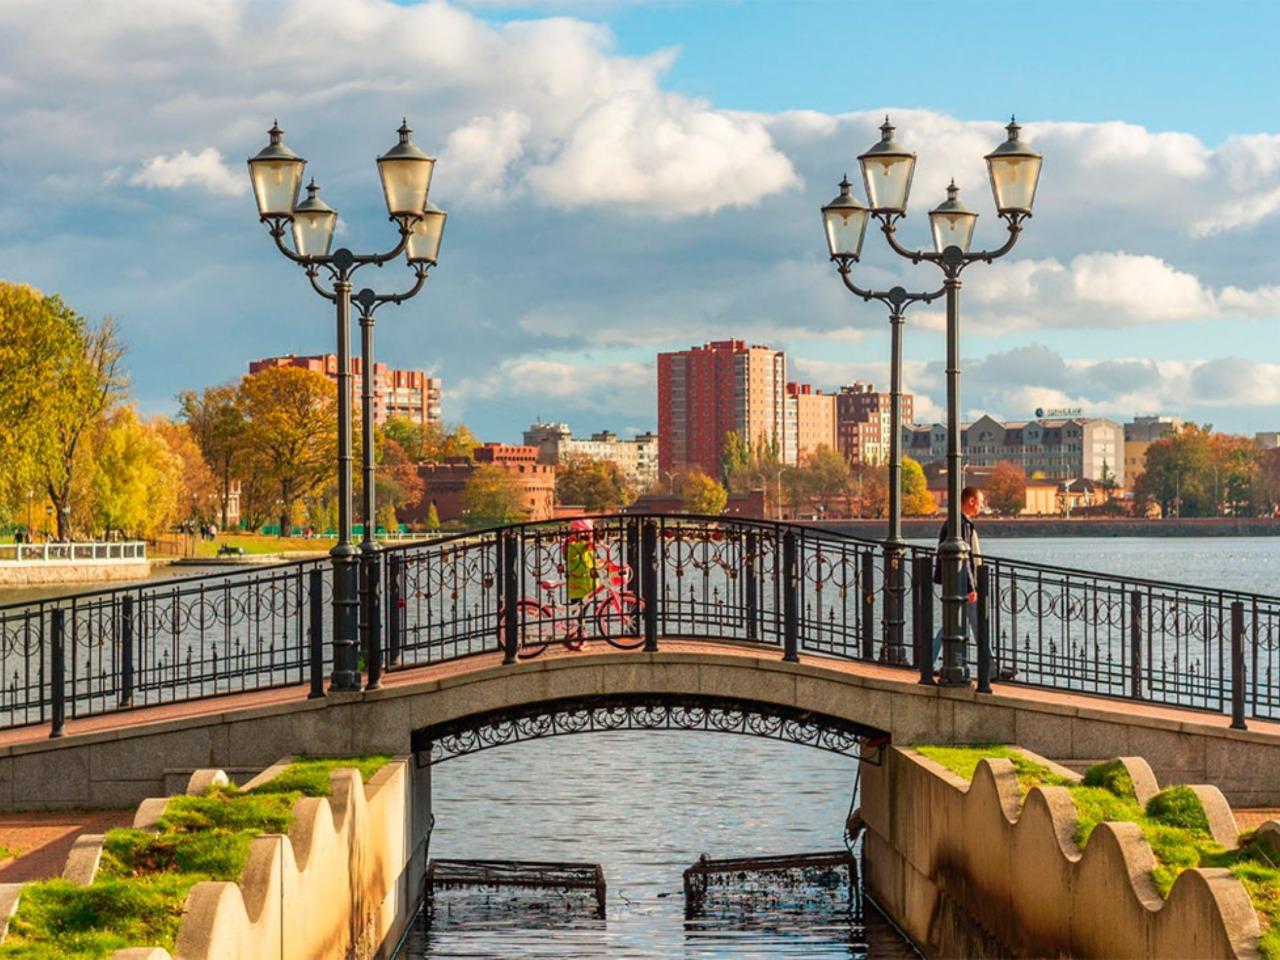 История и аттракционы Обертайха - групповая экскурсия в Калининграде от опытного гида